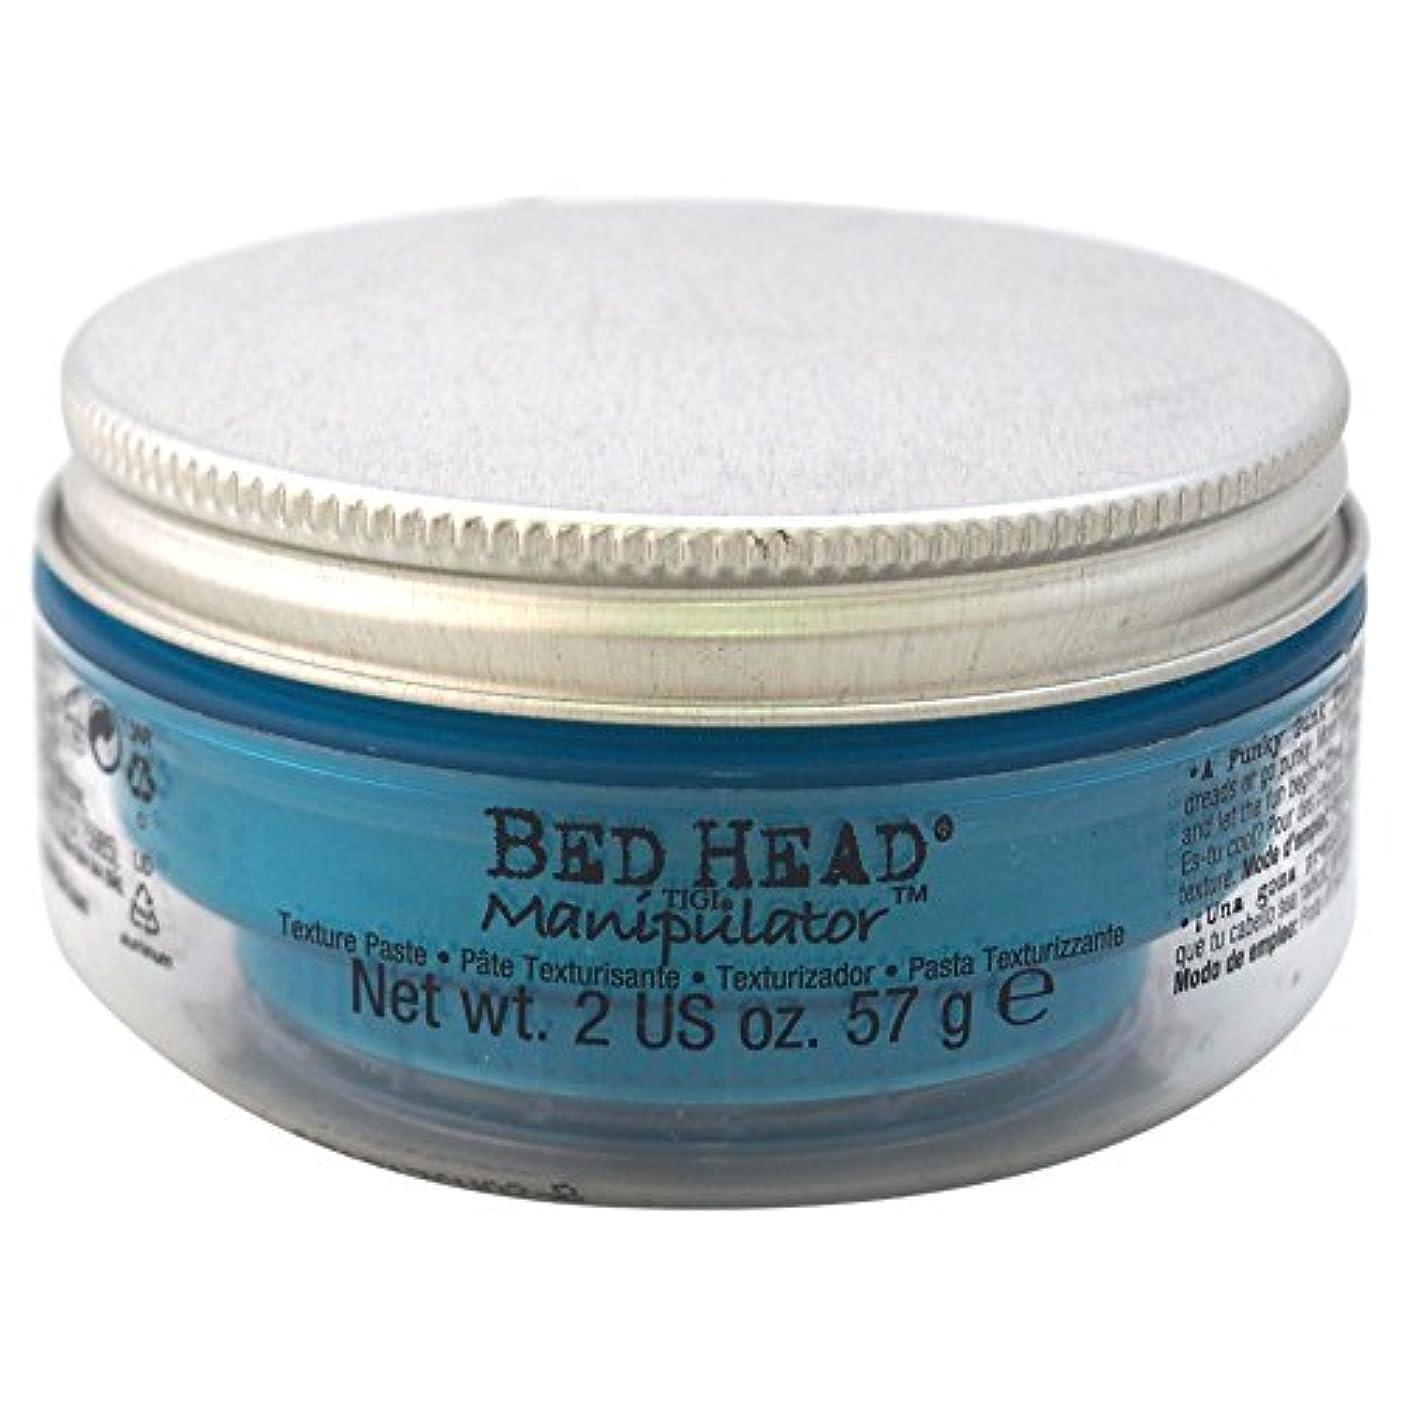 ルアー上記の頭と肩見積りティジー ベッドヘッドマニピュレーター テキシチヤ ペースト Tigi Bed Head Manipulator Texture Paste 57 ml [並行輸入品]